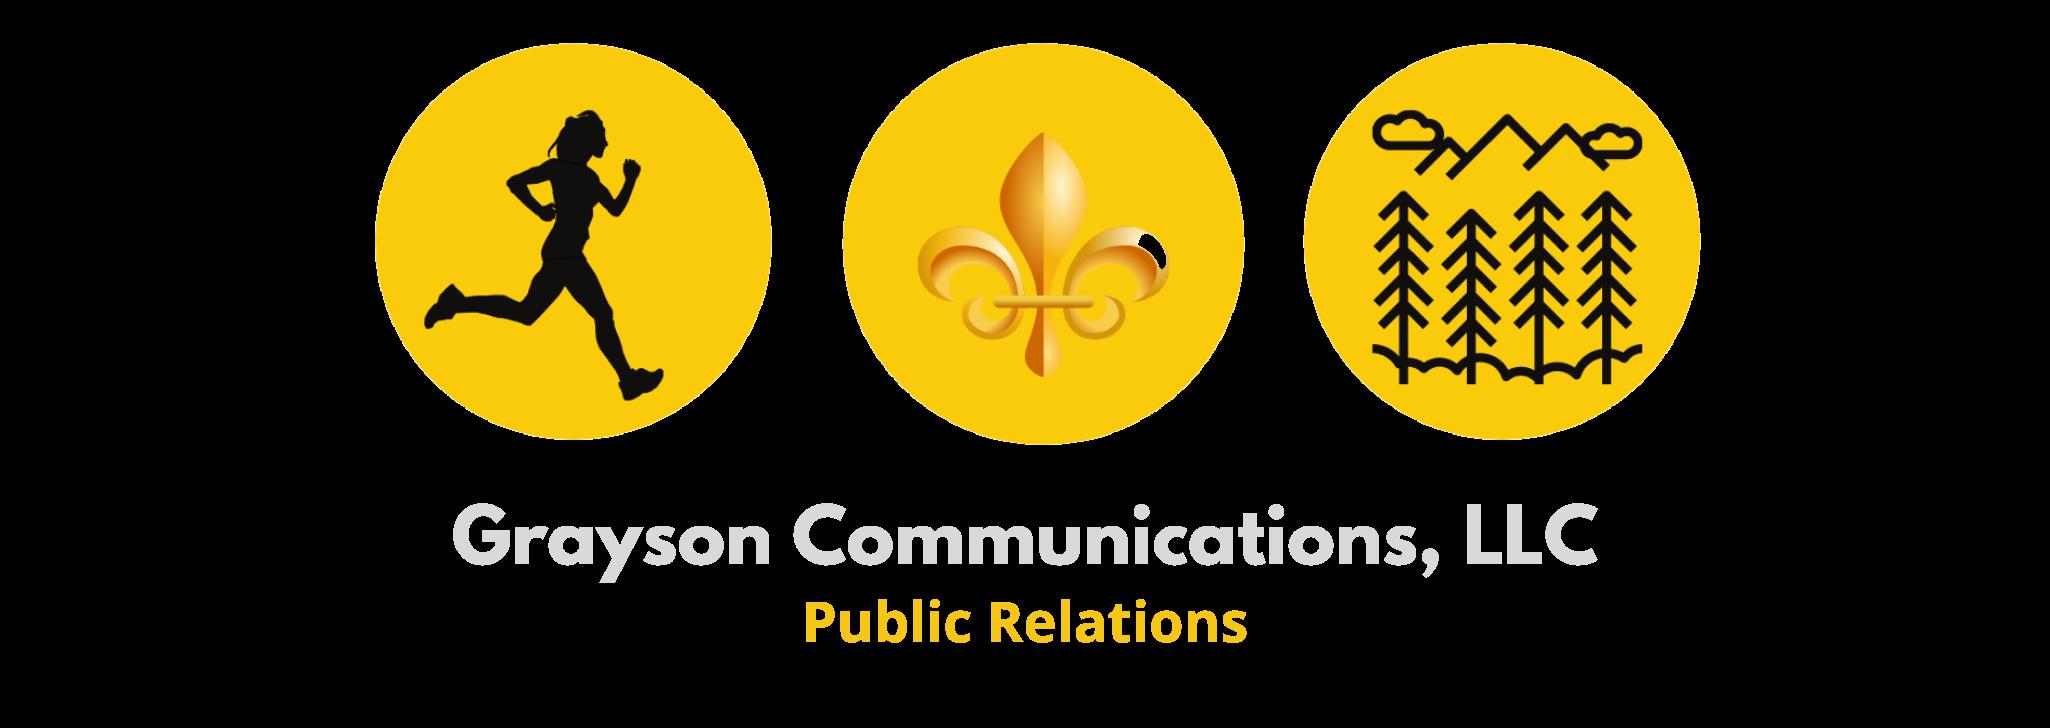 Grayson Communications